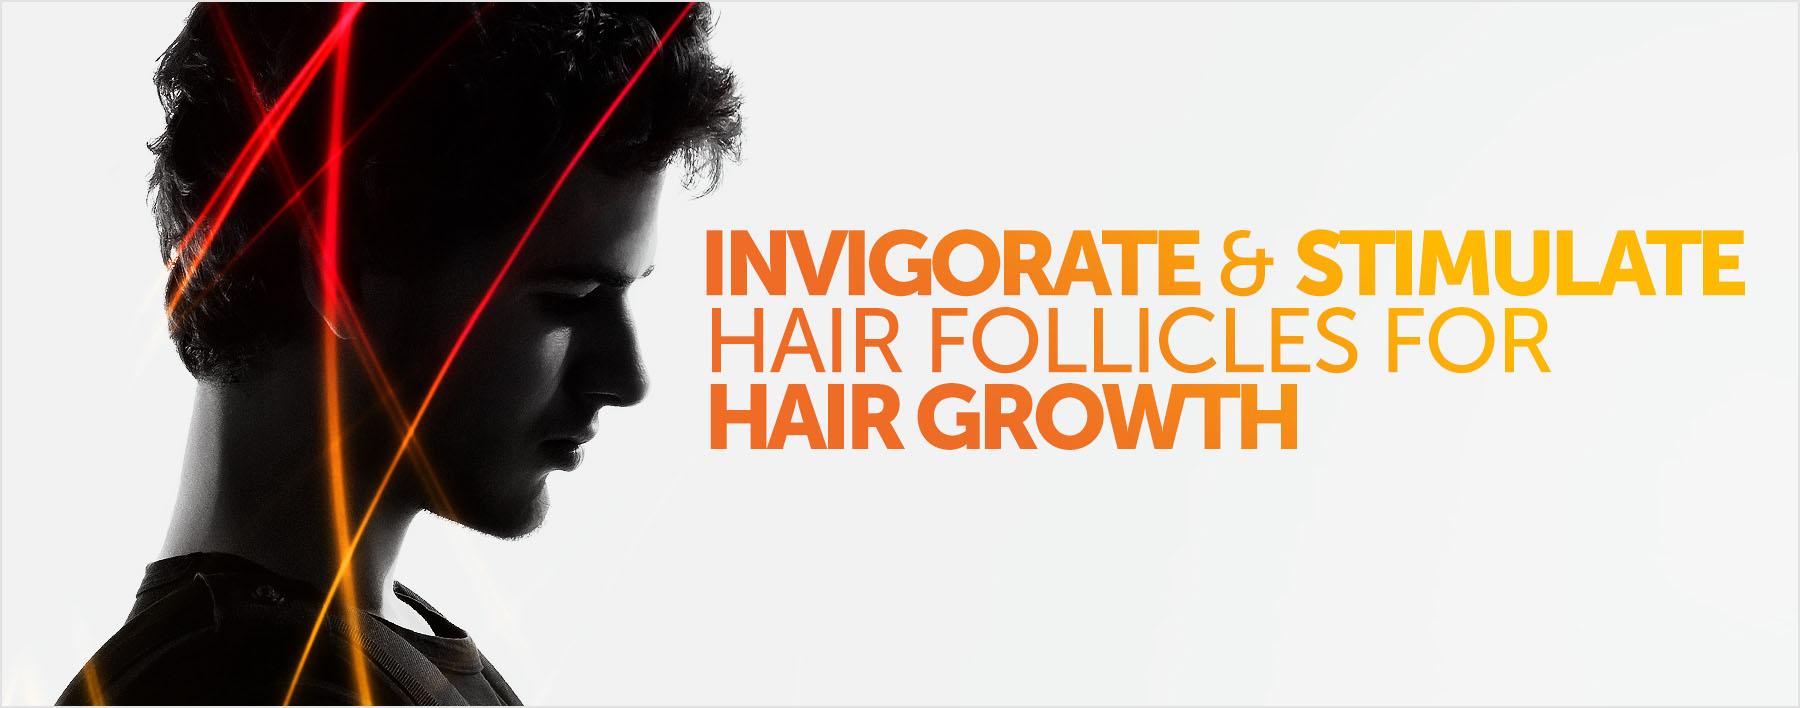 Stimulate Hair Follicles for Hair Growth